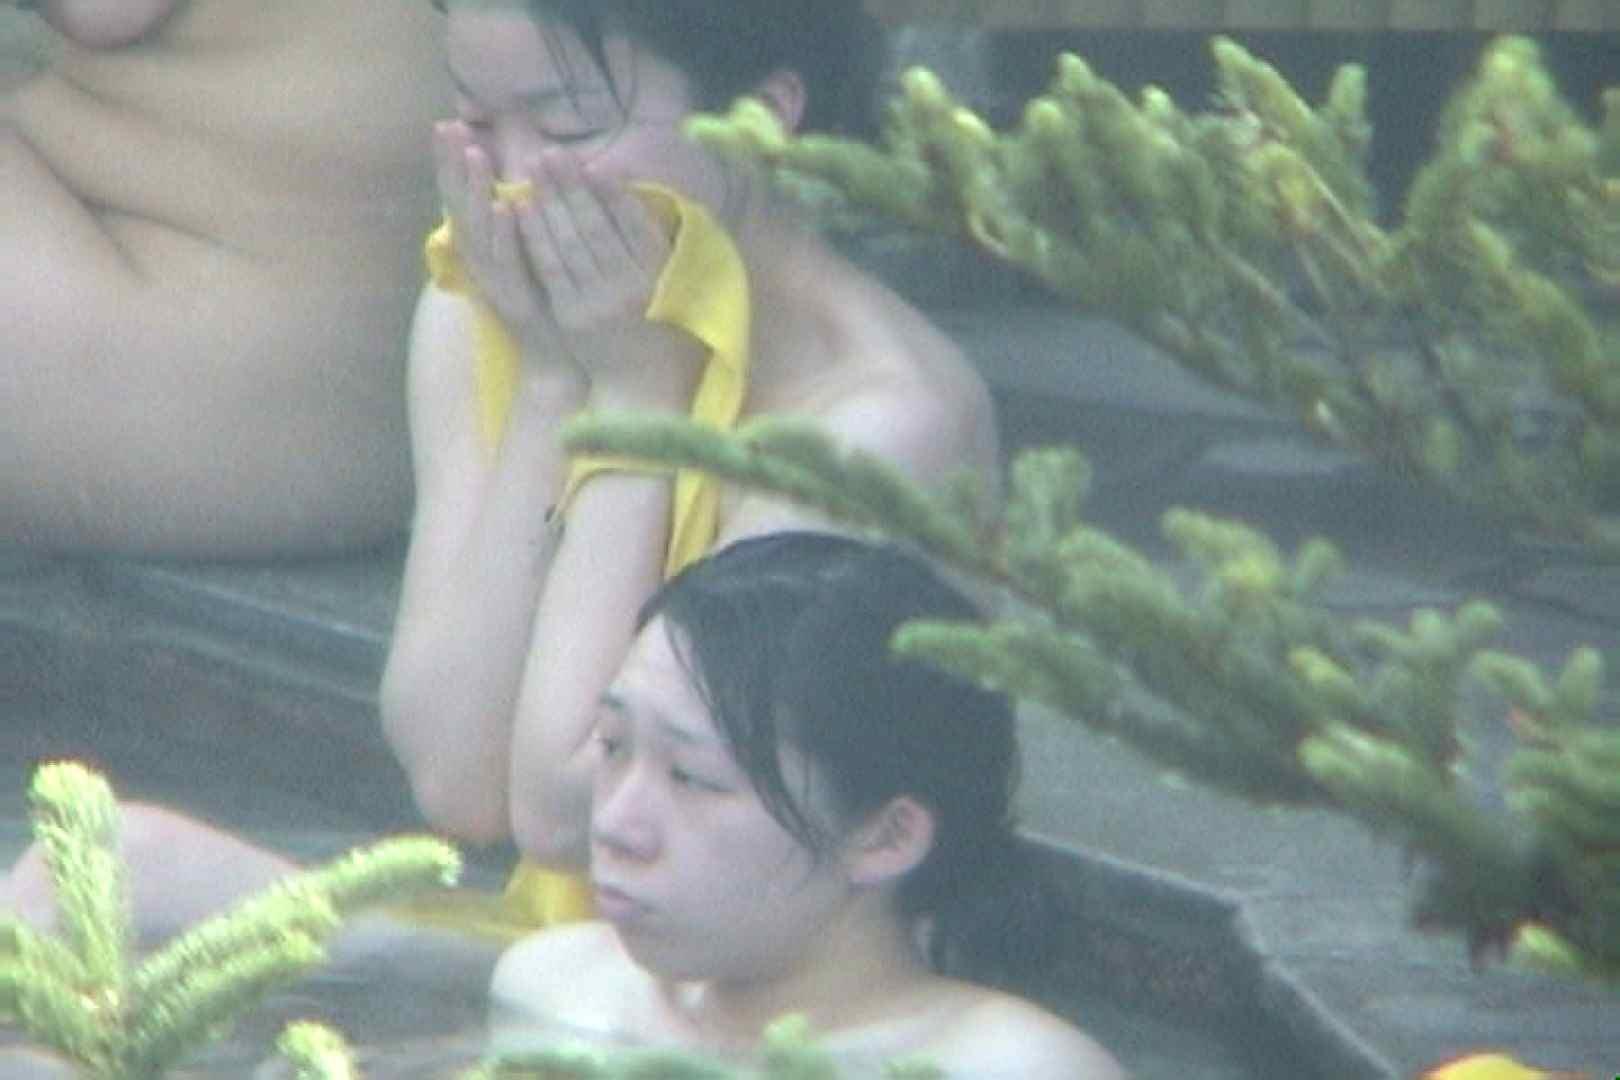 Aquaな露天風呂Vol.105 盗撮師作品   美しいOLの裸体  69pic 34